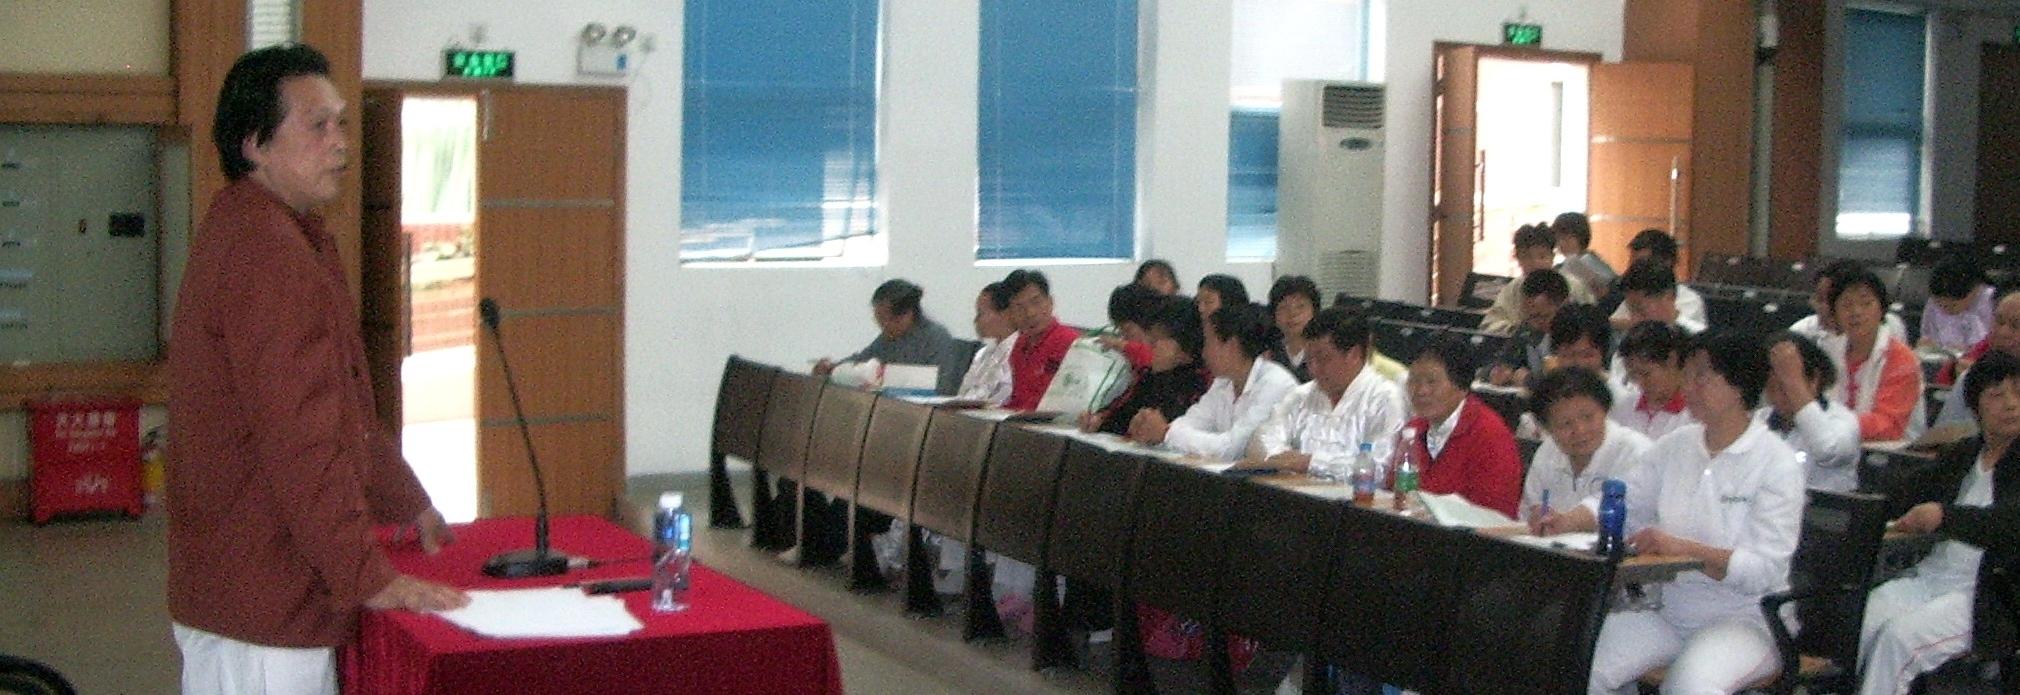 《道德经》与修身吐纳的传统感念讲座。(2006年)